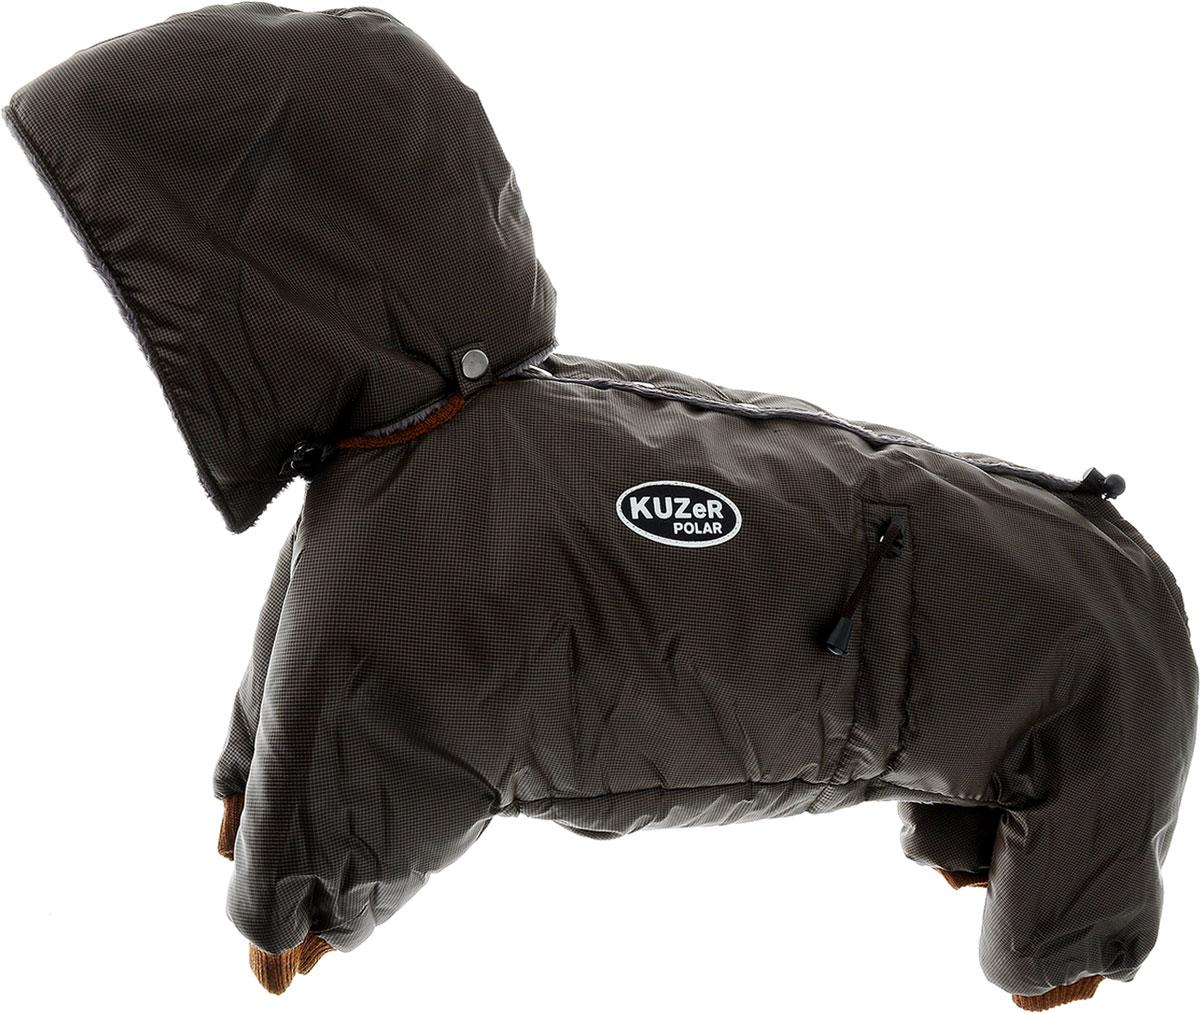 Комбинезон для собак Kuzer-Moda Полярник, зимний, унисекс, цвет: коричневый, черный. Размер LKZ001808Зимний комбинезон для собак Kuzer-Moda Полярник отлично подойдет для прогулок в холодное время года. Комбинезон изготовлен из плащевки, защищающей от ветра и снега, с утеплителем из синтепона, который сохранит тепло даже в сильные морозы. Комбинезон с капюшоном застегивается на кнопки, благодаря чему его легко надевать и снимать. Капюшон пристегивается при помощи кнопок. Низ рукавов и брючин оснащен трикотажными манжетами, которые мягко обхватывают лапки, не позволяя просачиваться холодному воздуху. На пояснице комбинезон затягивается на шнурок-кулиску.Благодаря такому комбинезону простуда не грозит вашему питомцу.Длина по спинке 34 см.